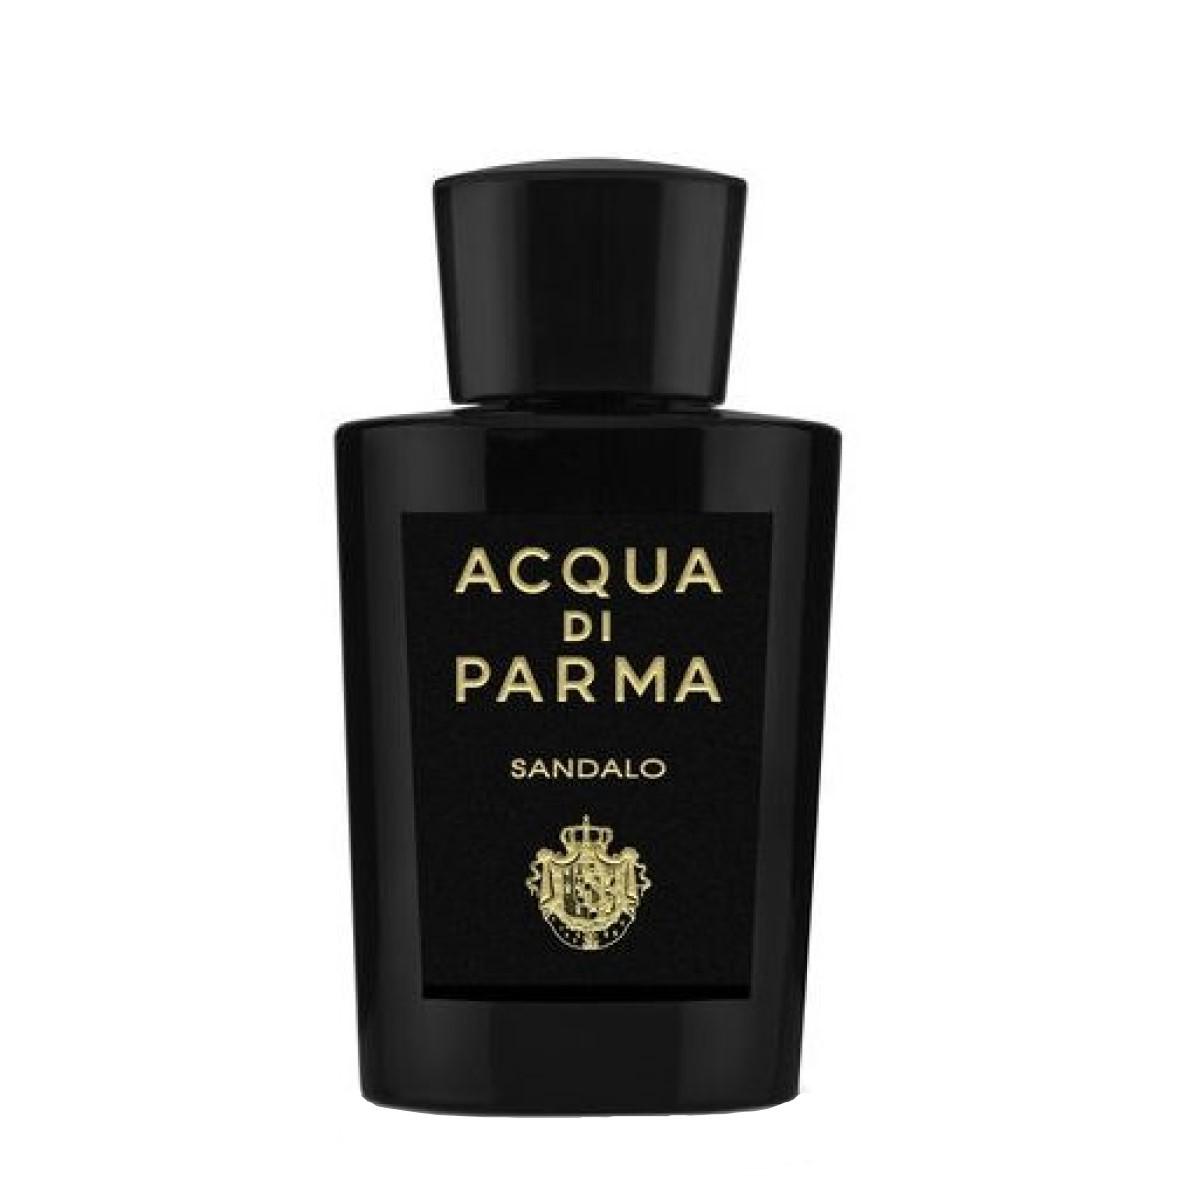 Acqua-Di-Parma-Sandalo-EDP-180-ml-e1607600369365